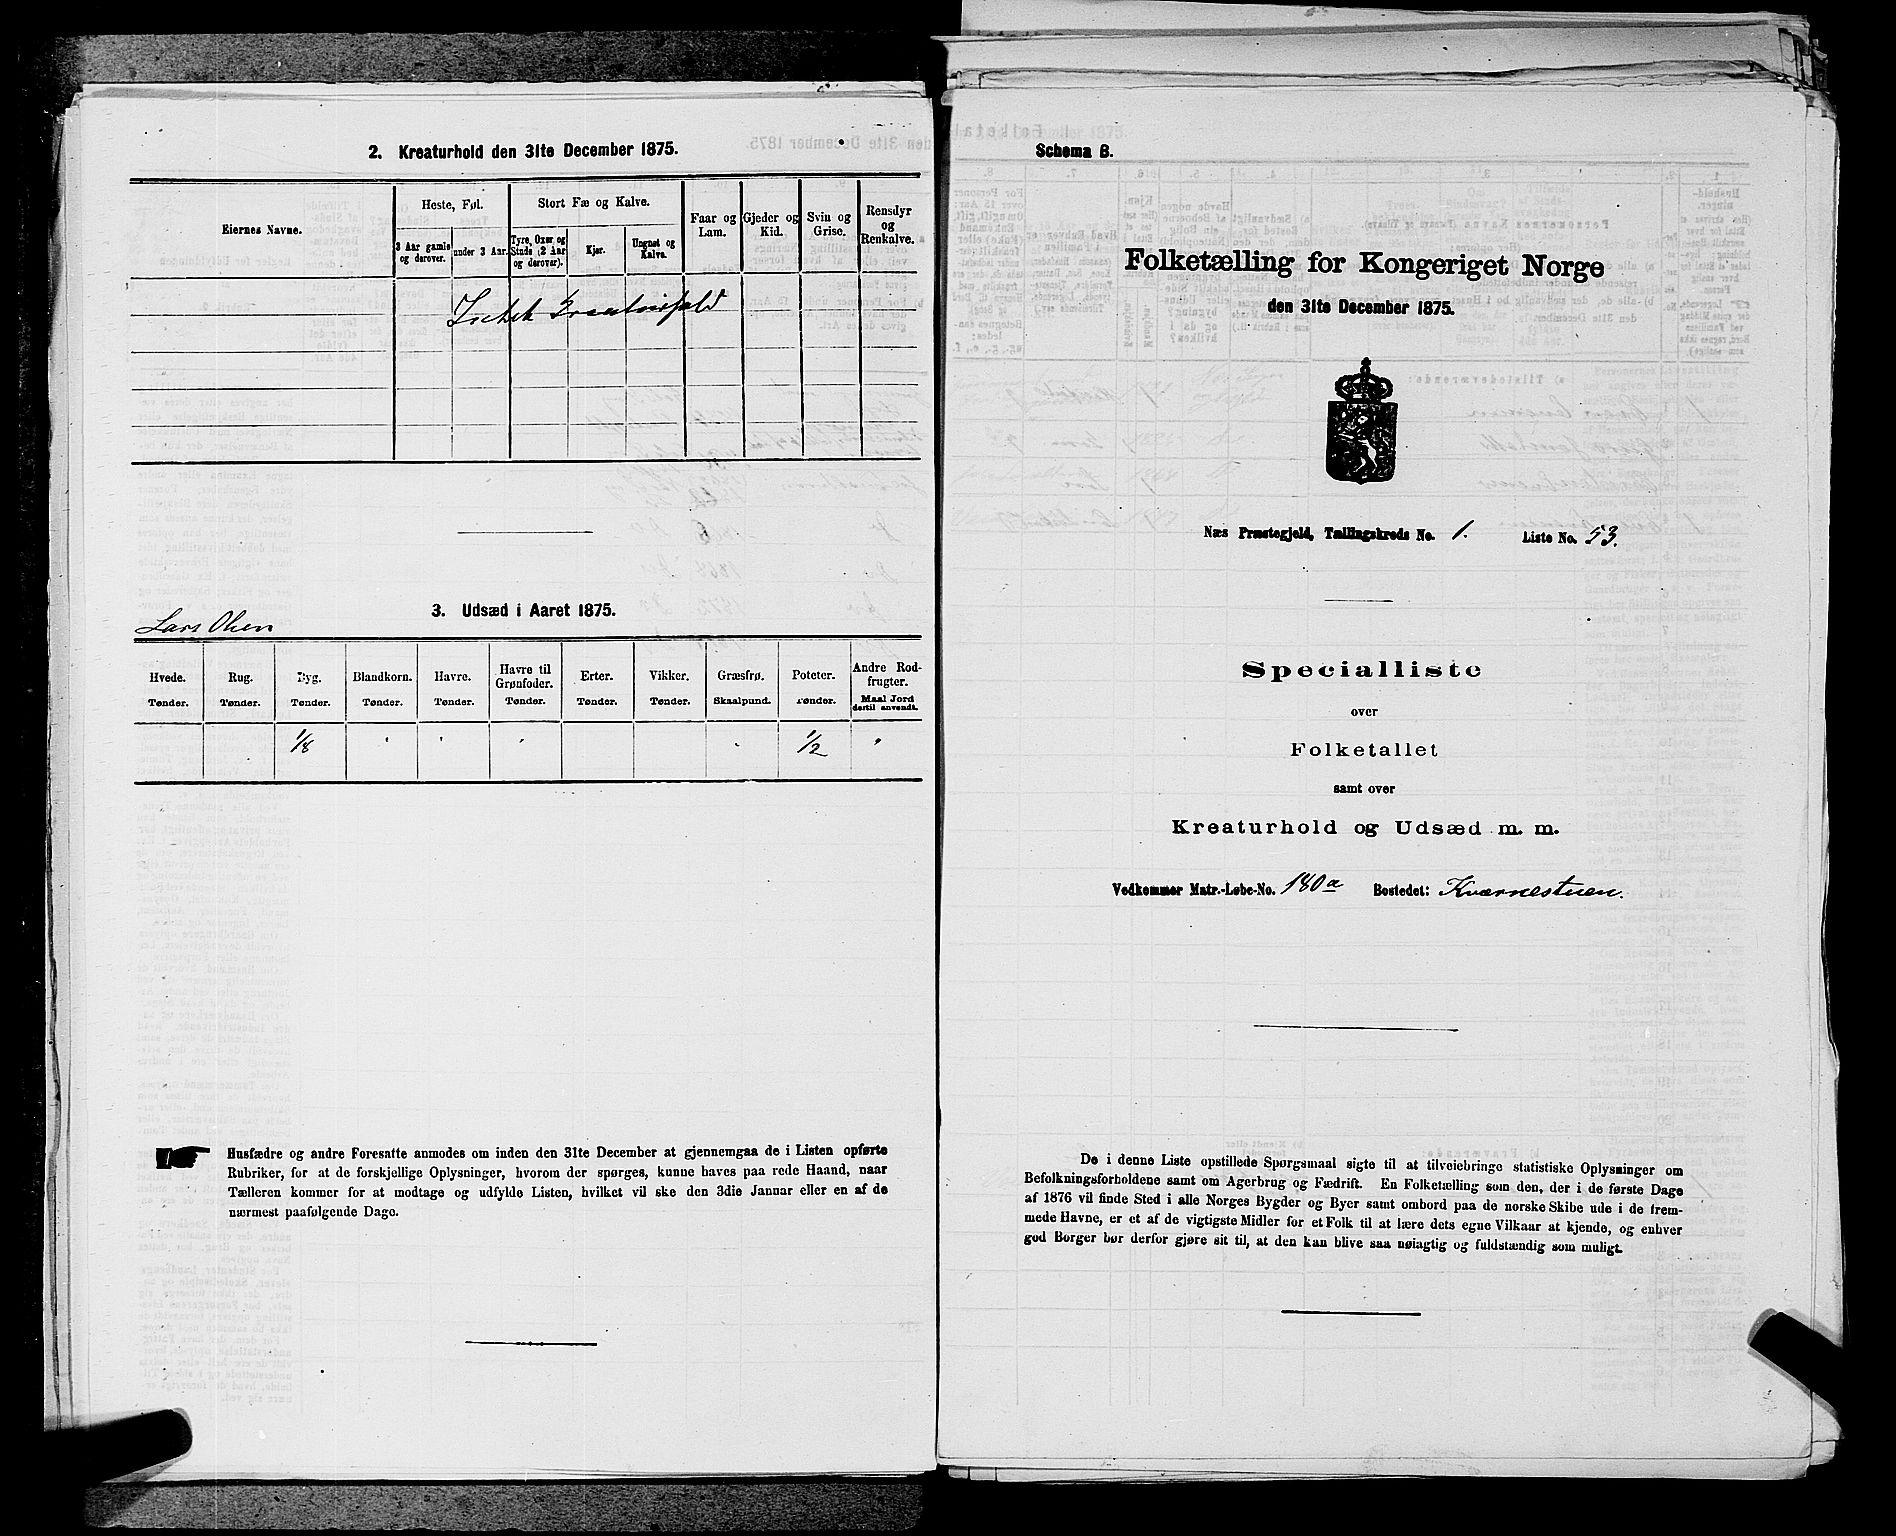 SAKO, Folketelling 1875 for 0616P Nes prestegjeld, 1875, s. 111